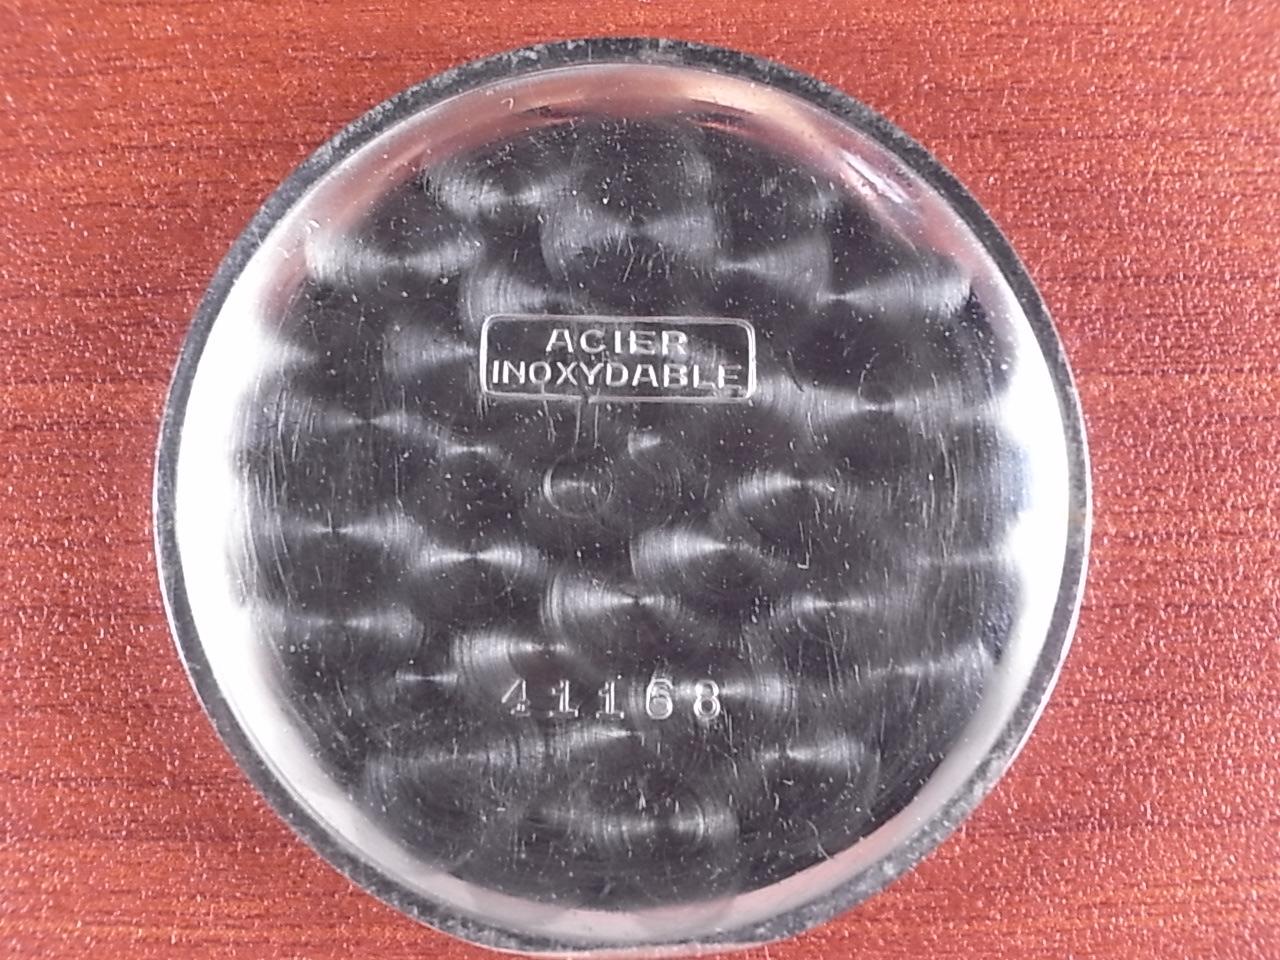 レマニア クロノグラフ キャリバー13CH スパイラルタキメーター 1930年代の写真6枚目